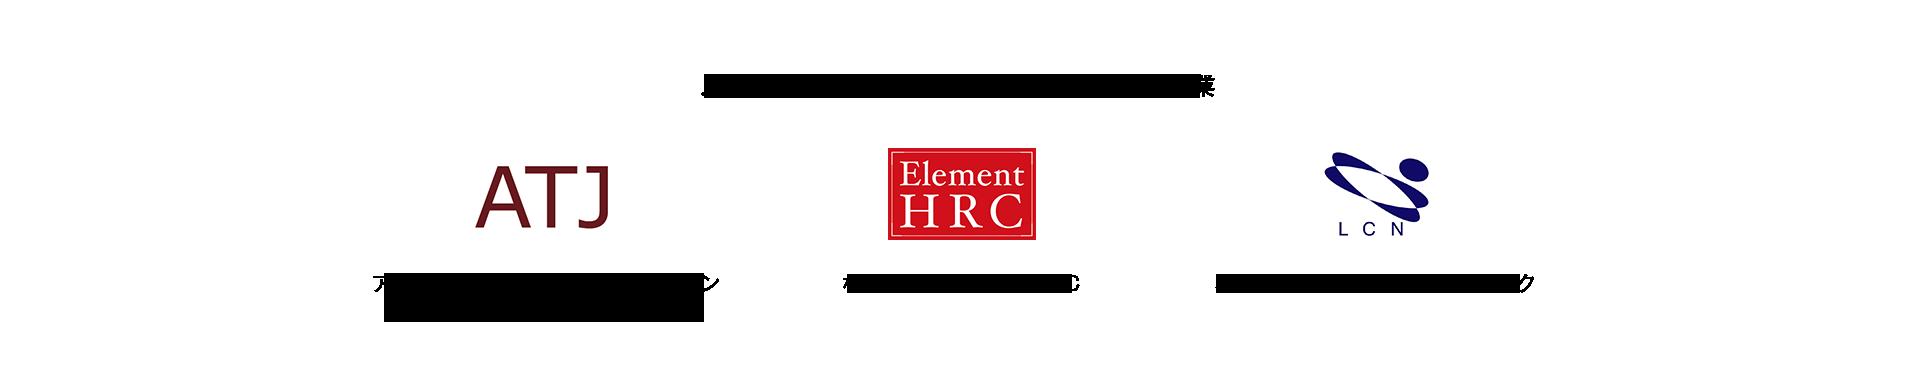 メディカル業界に強い注目のエージェント企業例(アクレティブタレントフォージャパン 株式会社/株式会社エリメントHRC/株式会社ライフケア・ネットワーク)